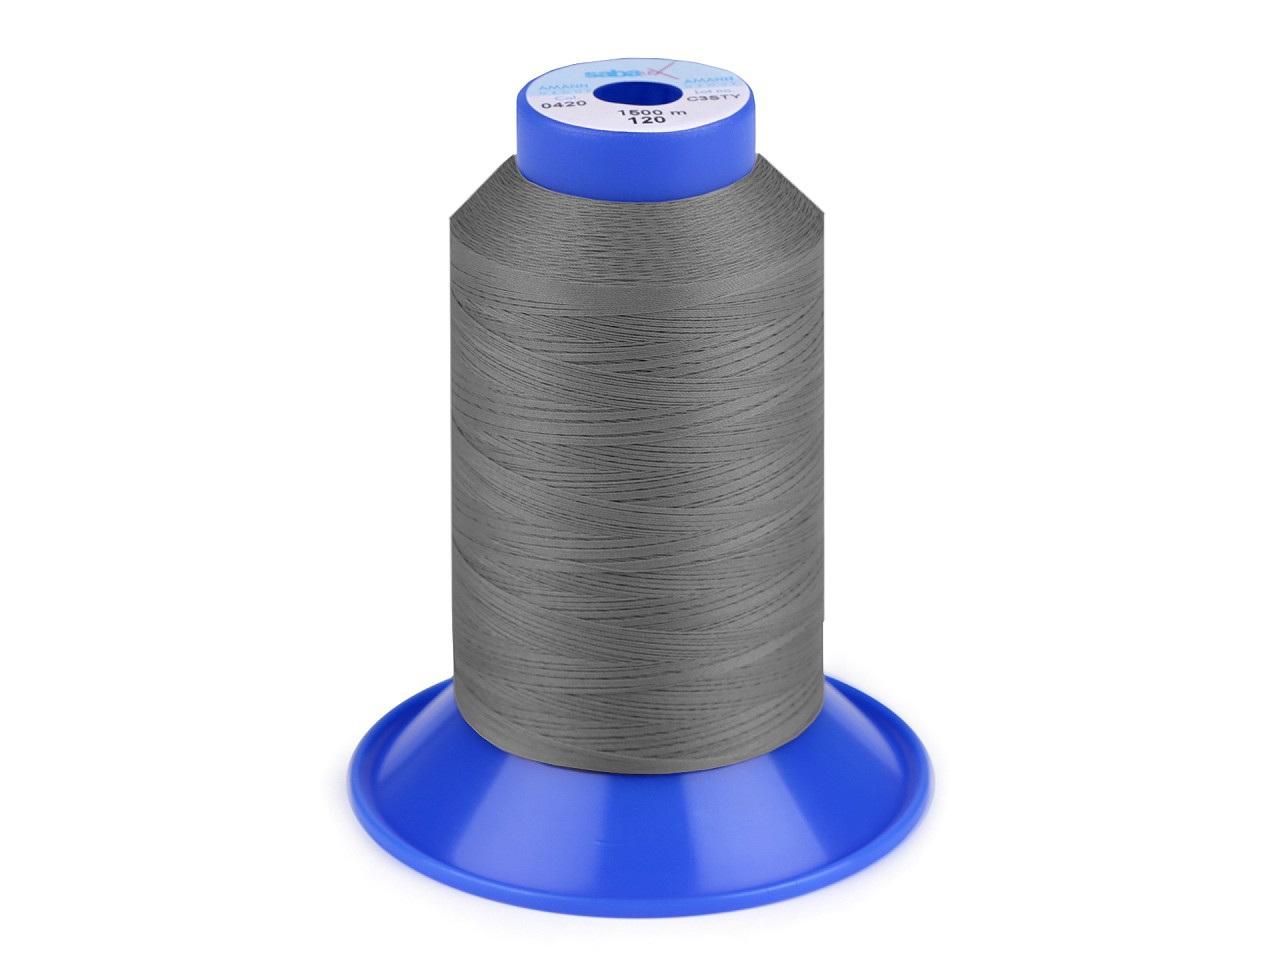 Nit elastická Sabaflex 120; 1500 m, barva 318 šedá stř.